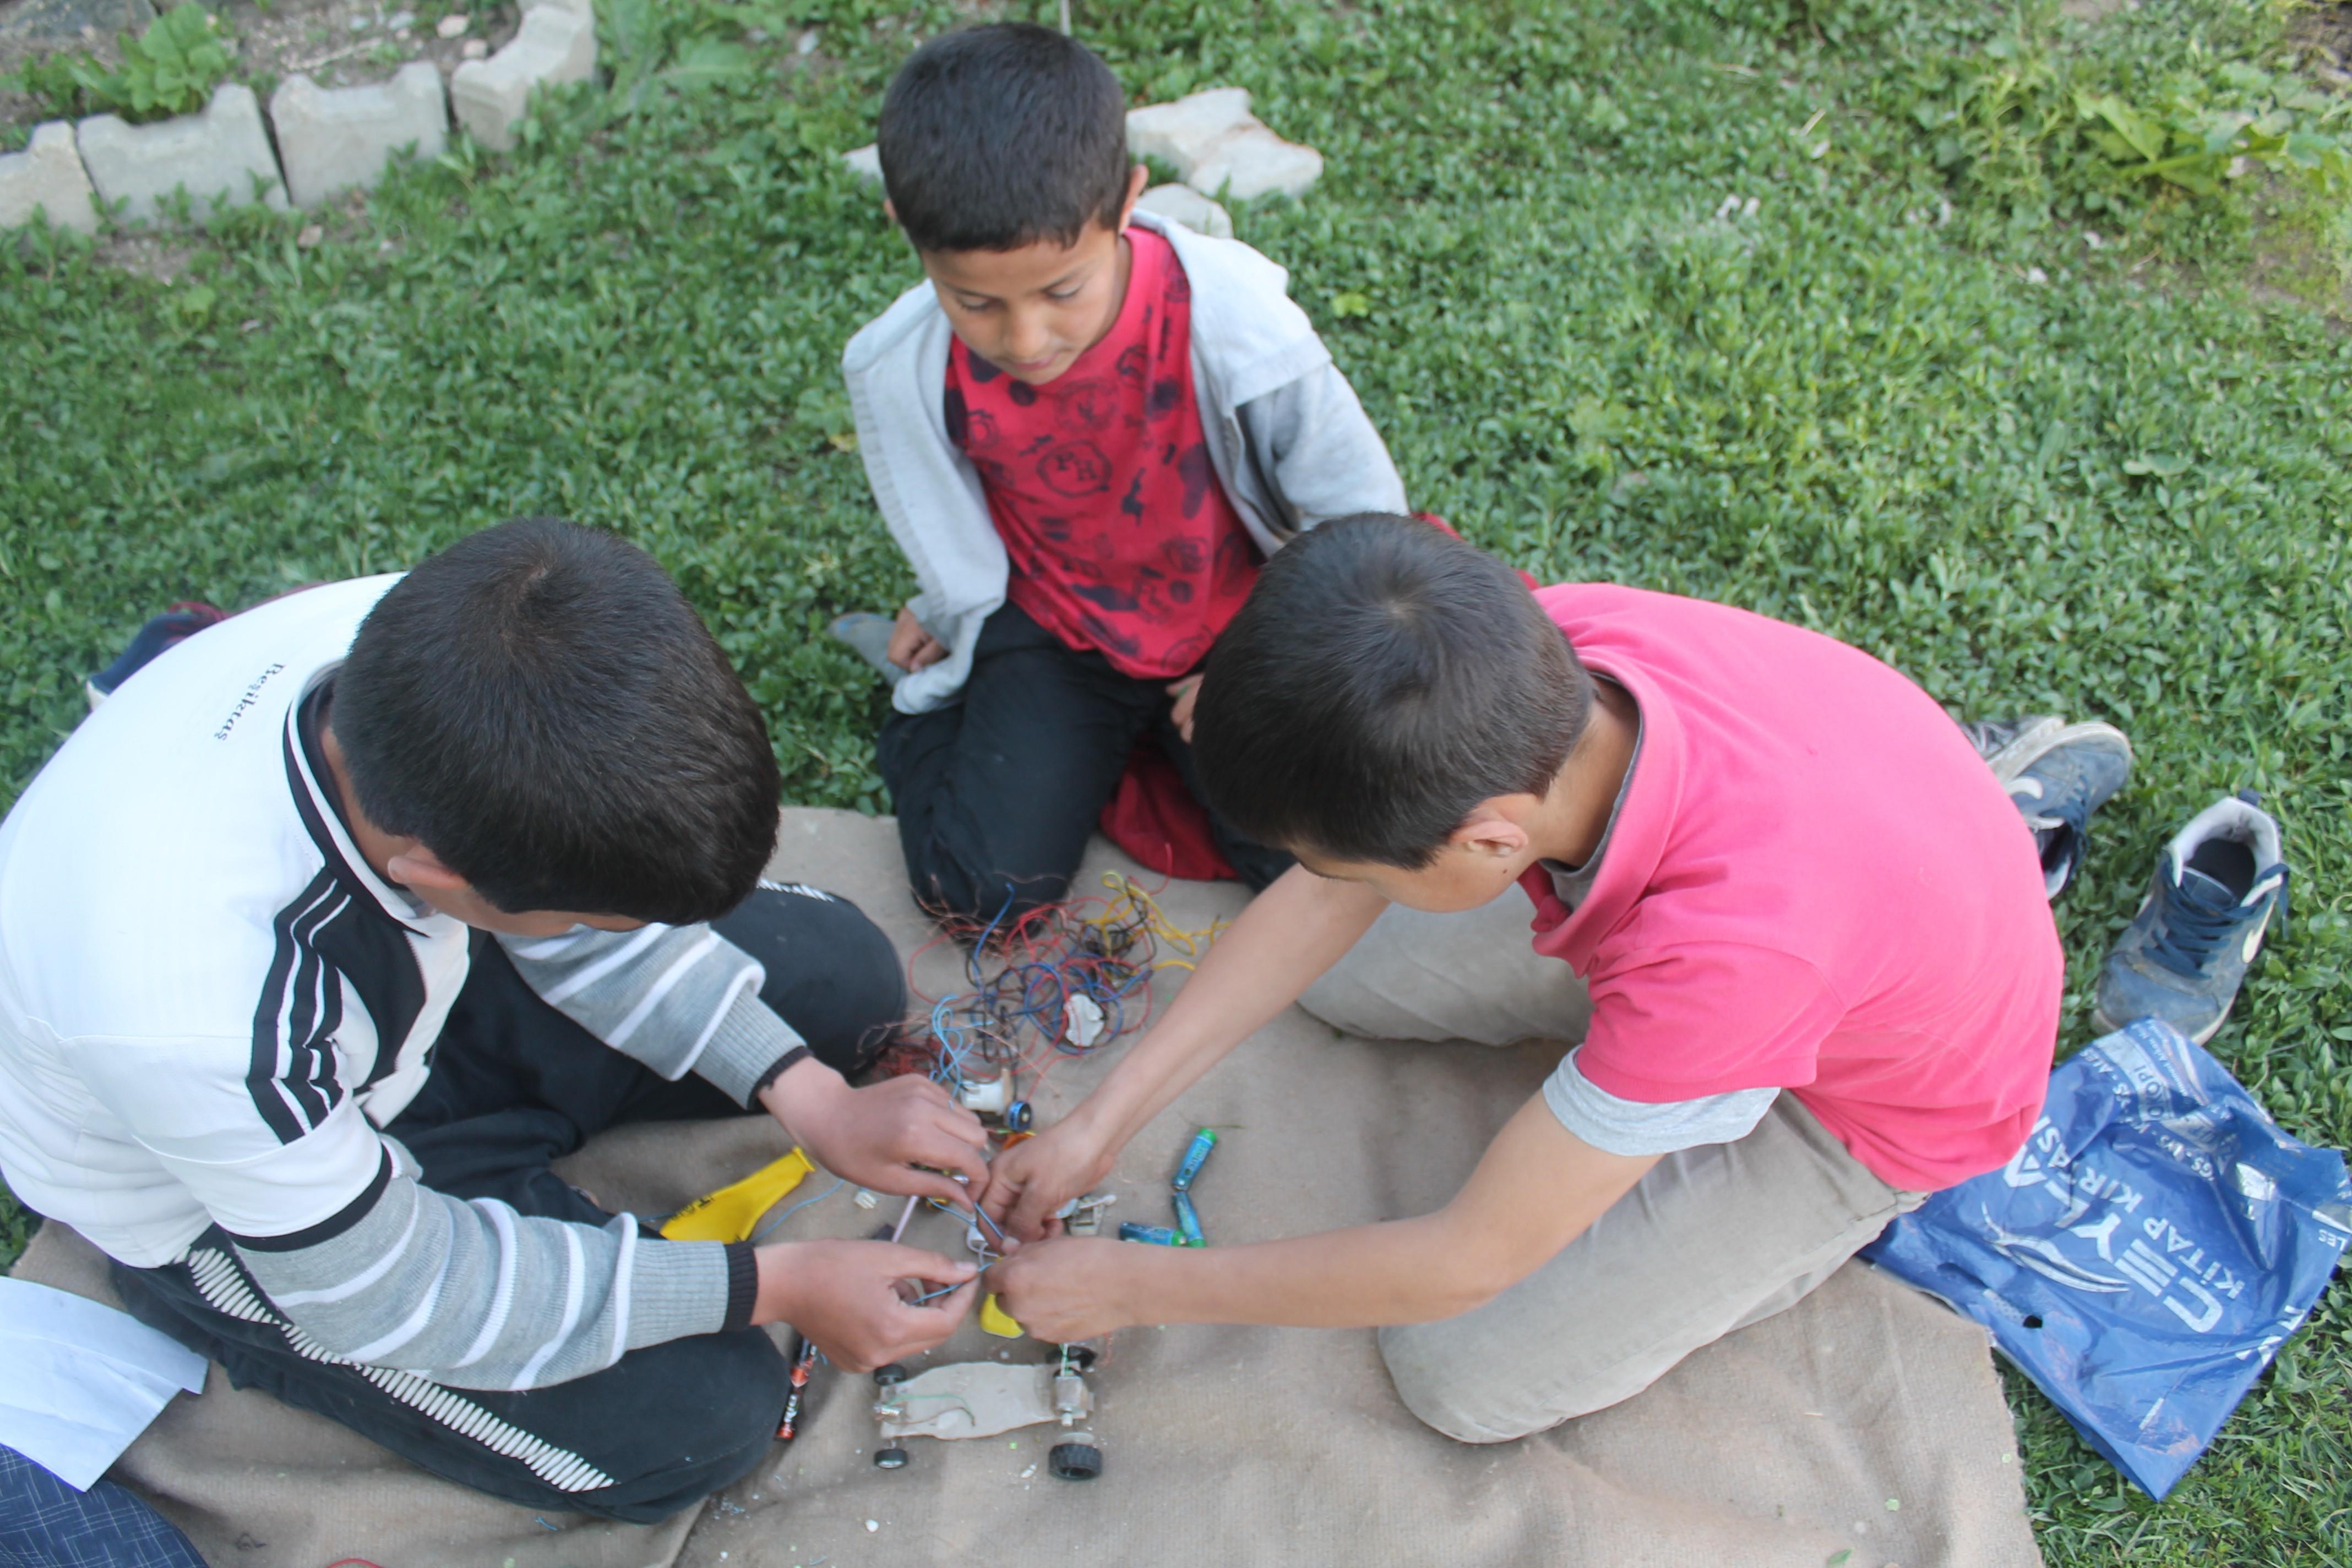 Atık materyallerden kendilerine oyuncak yaptılar